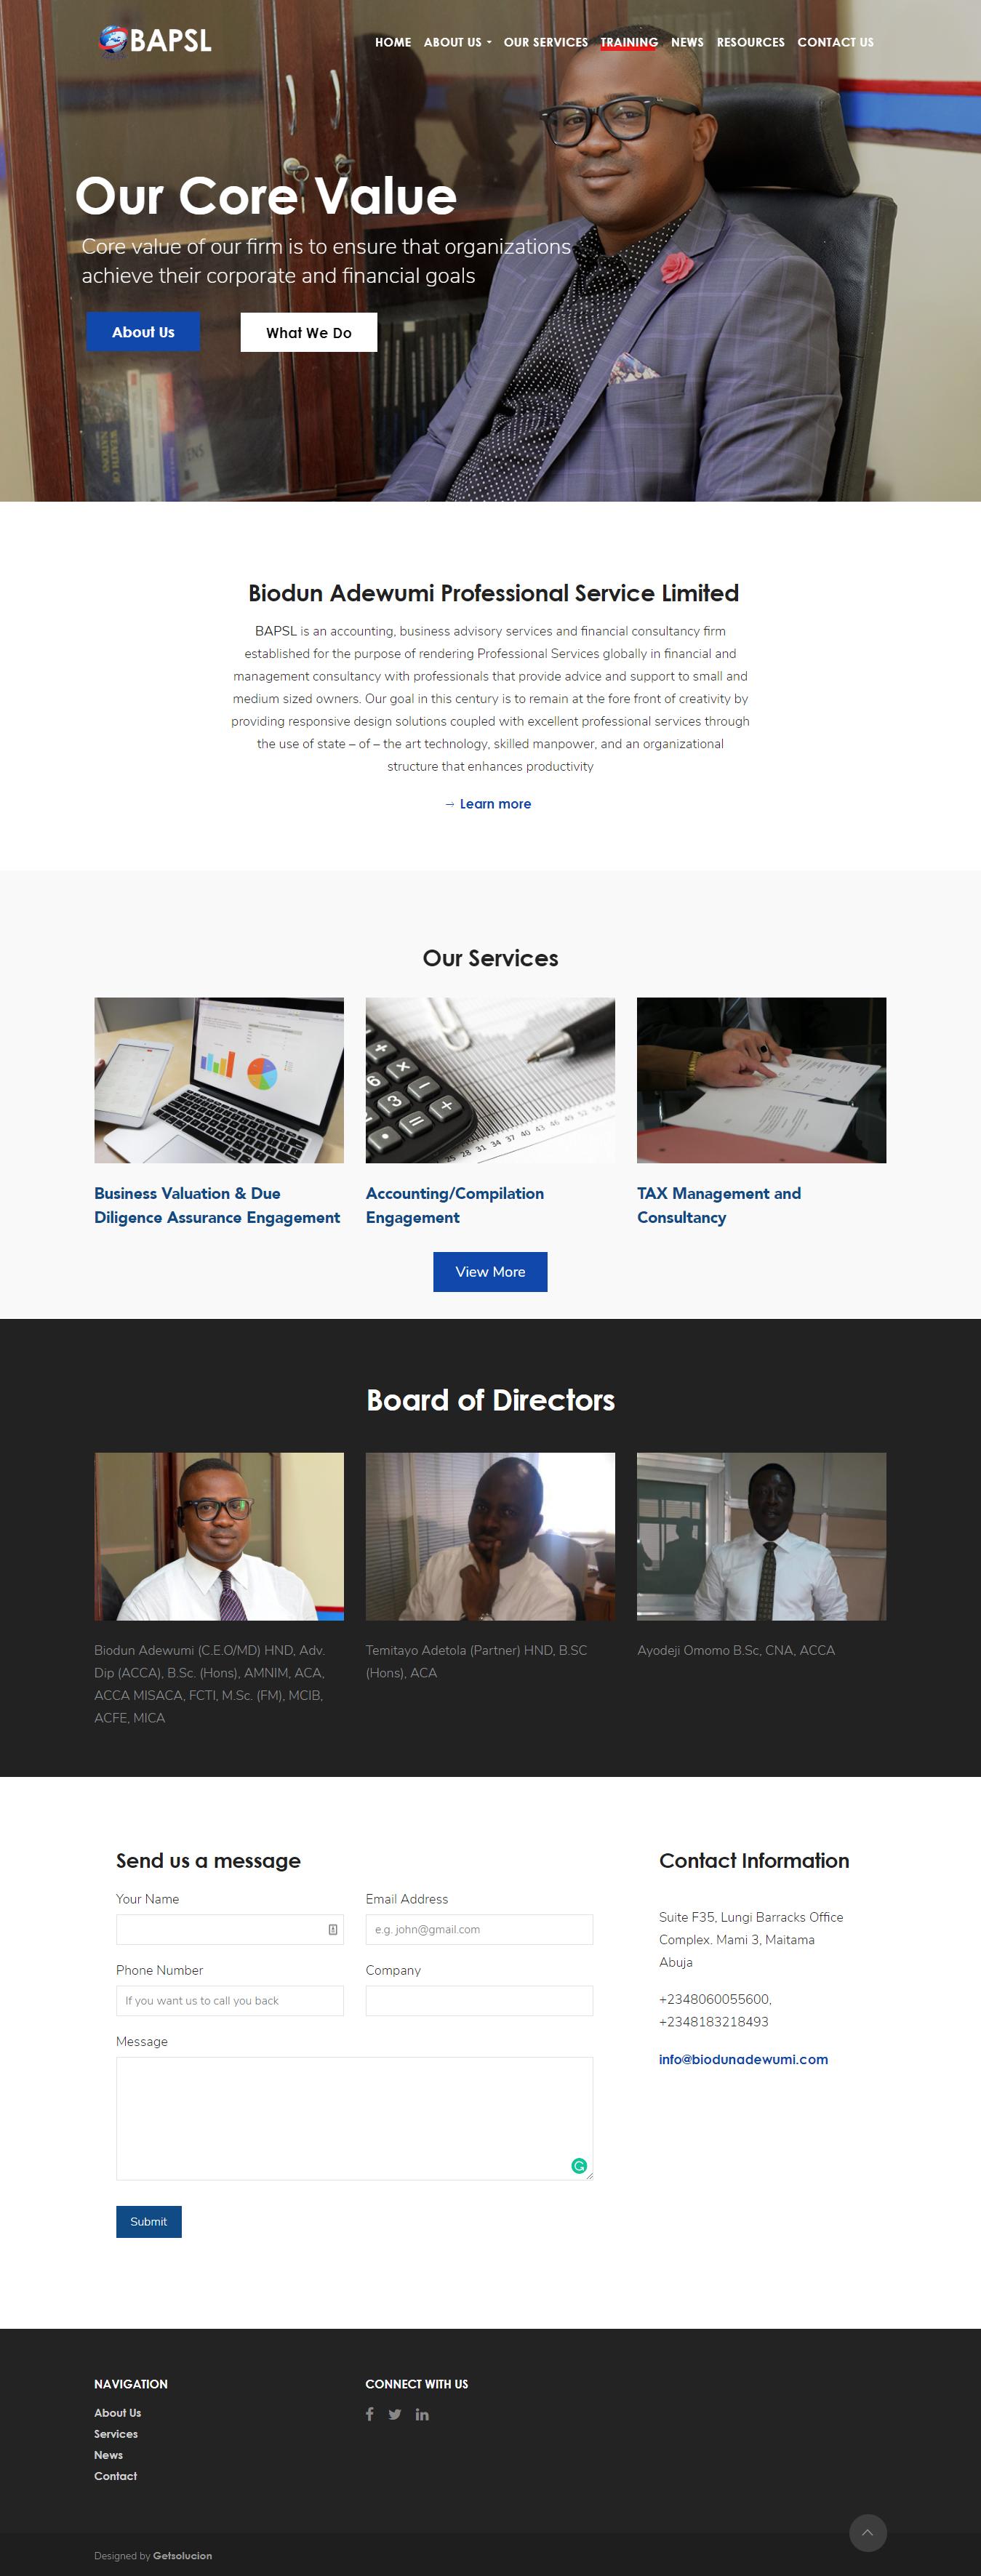 BAPSL Nigeria Website Design